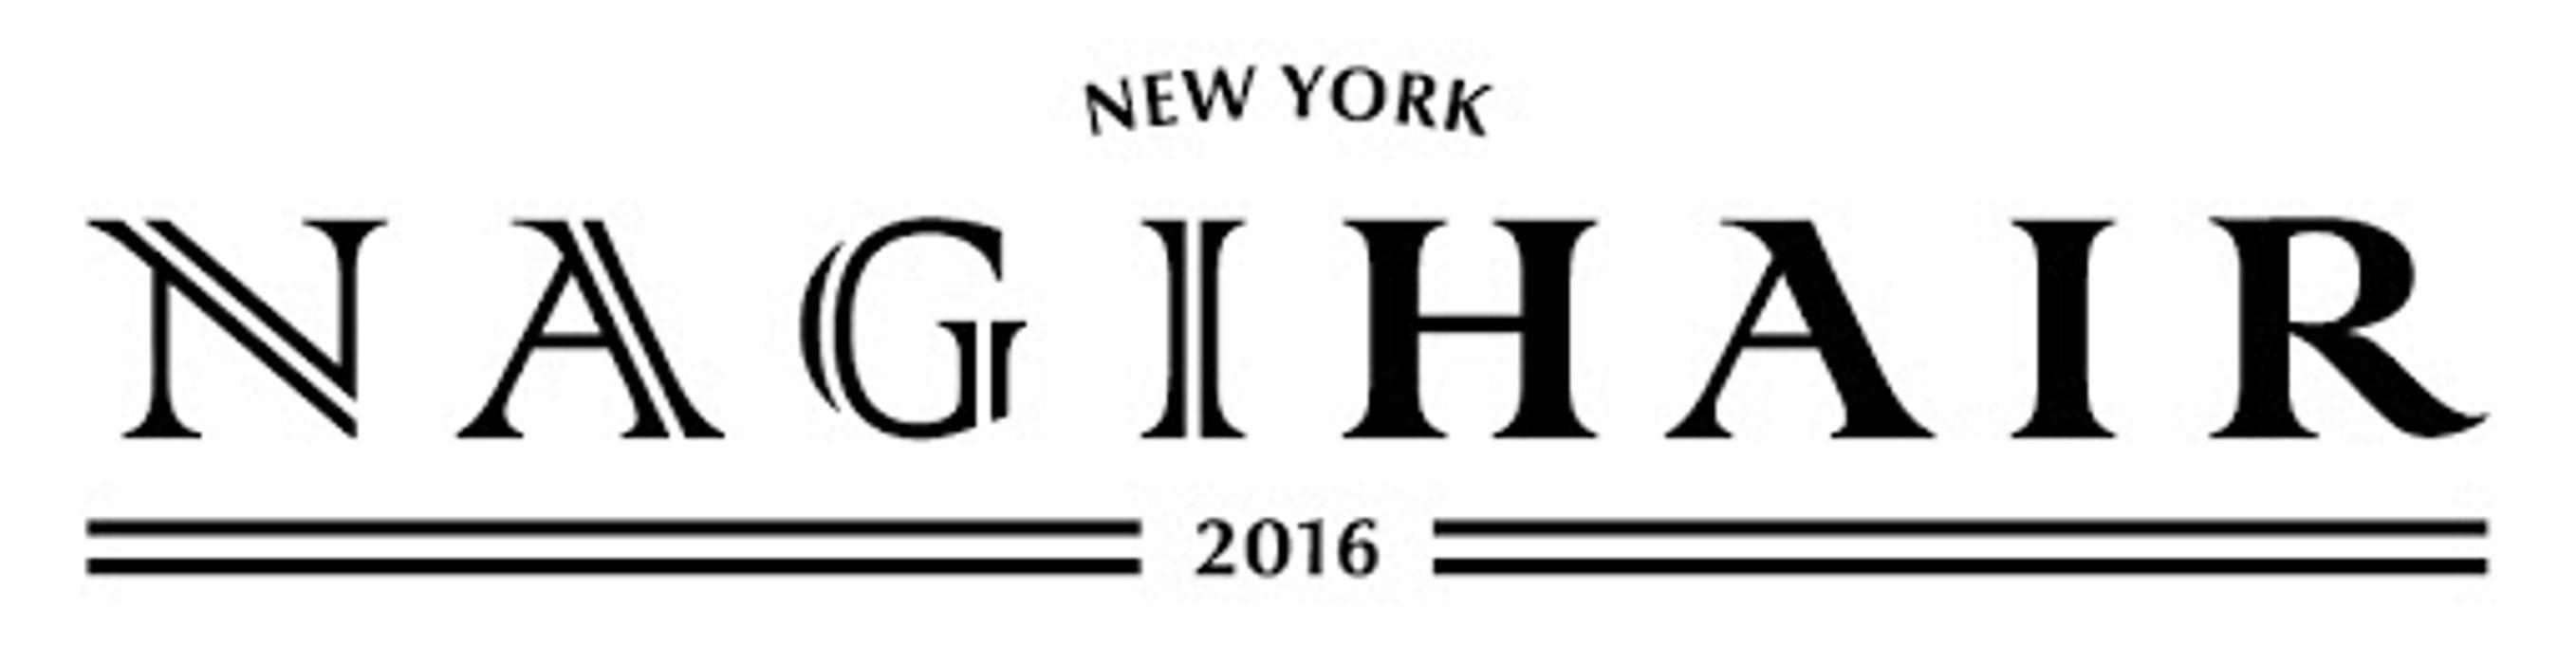 Nagi Hair New York - New York, NY